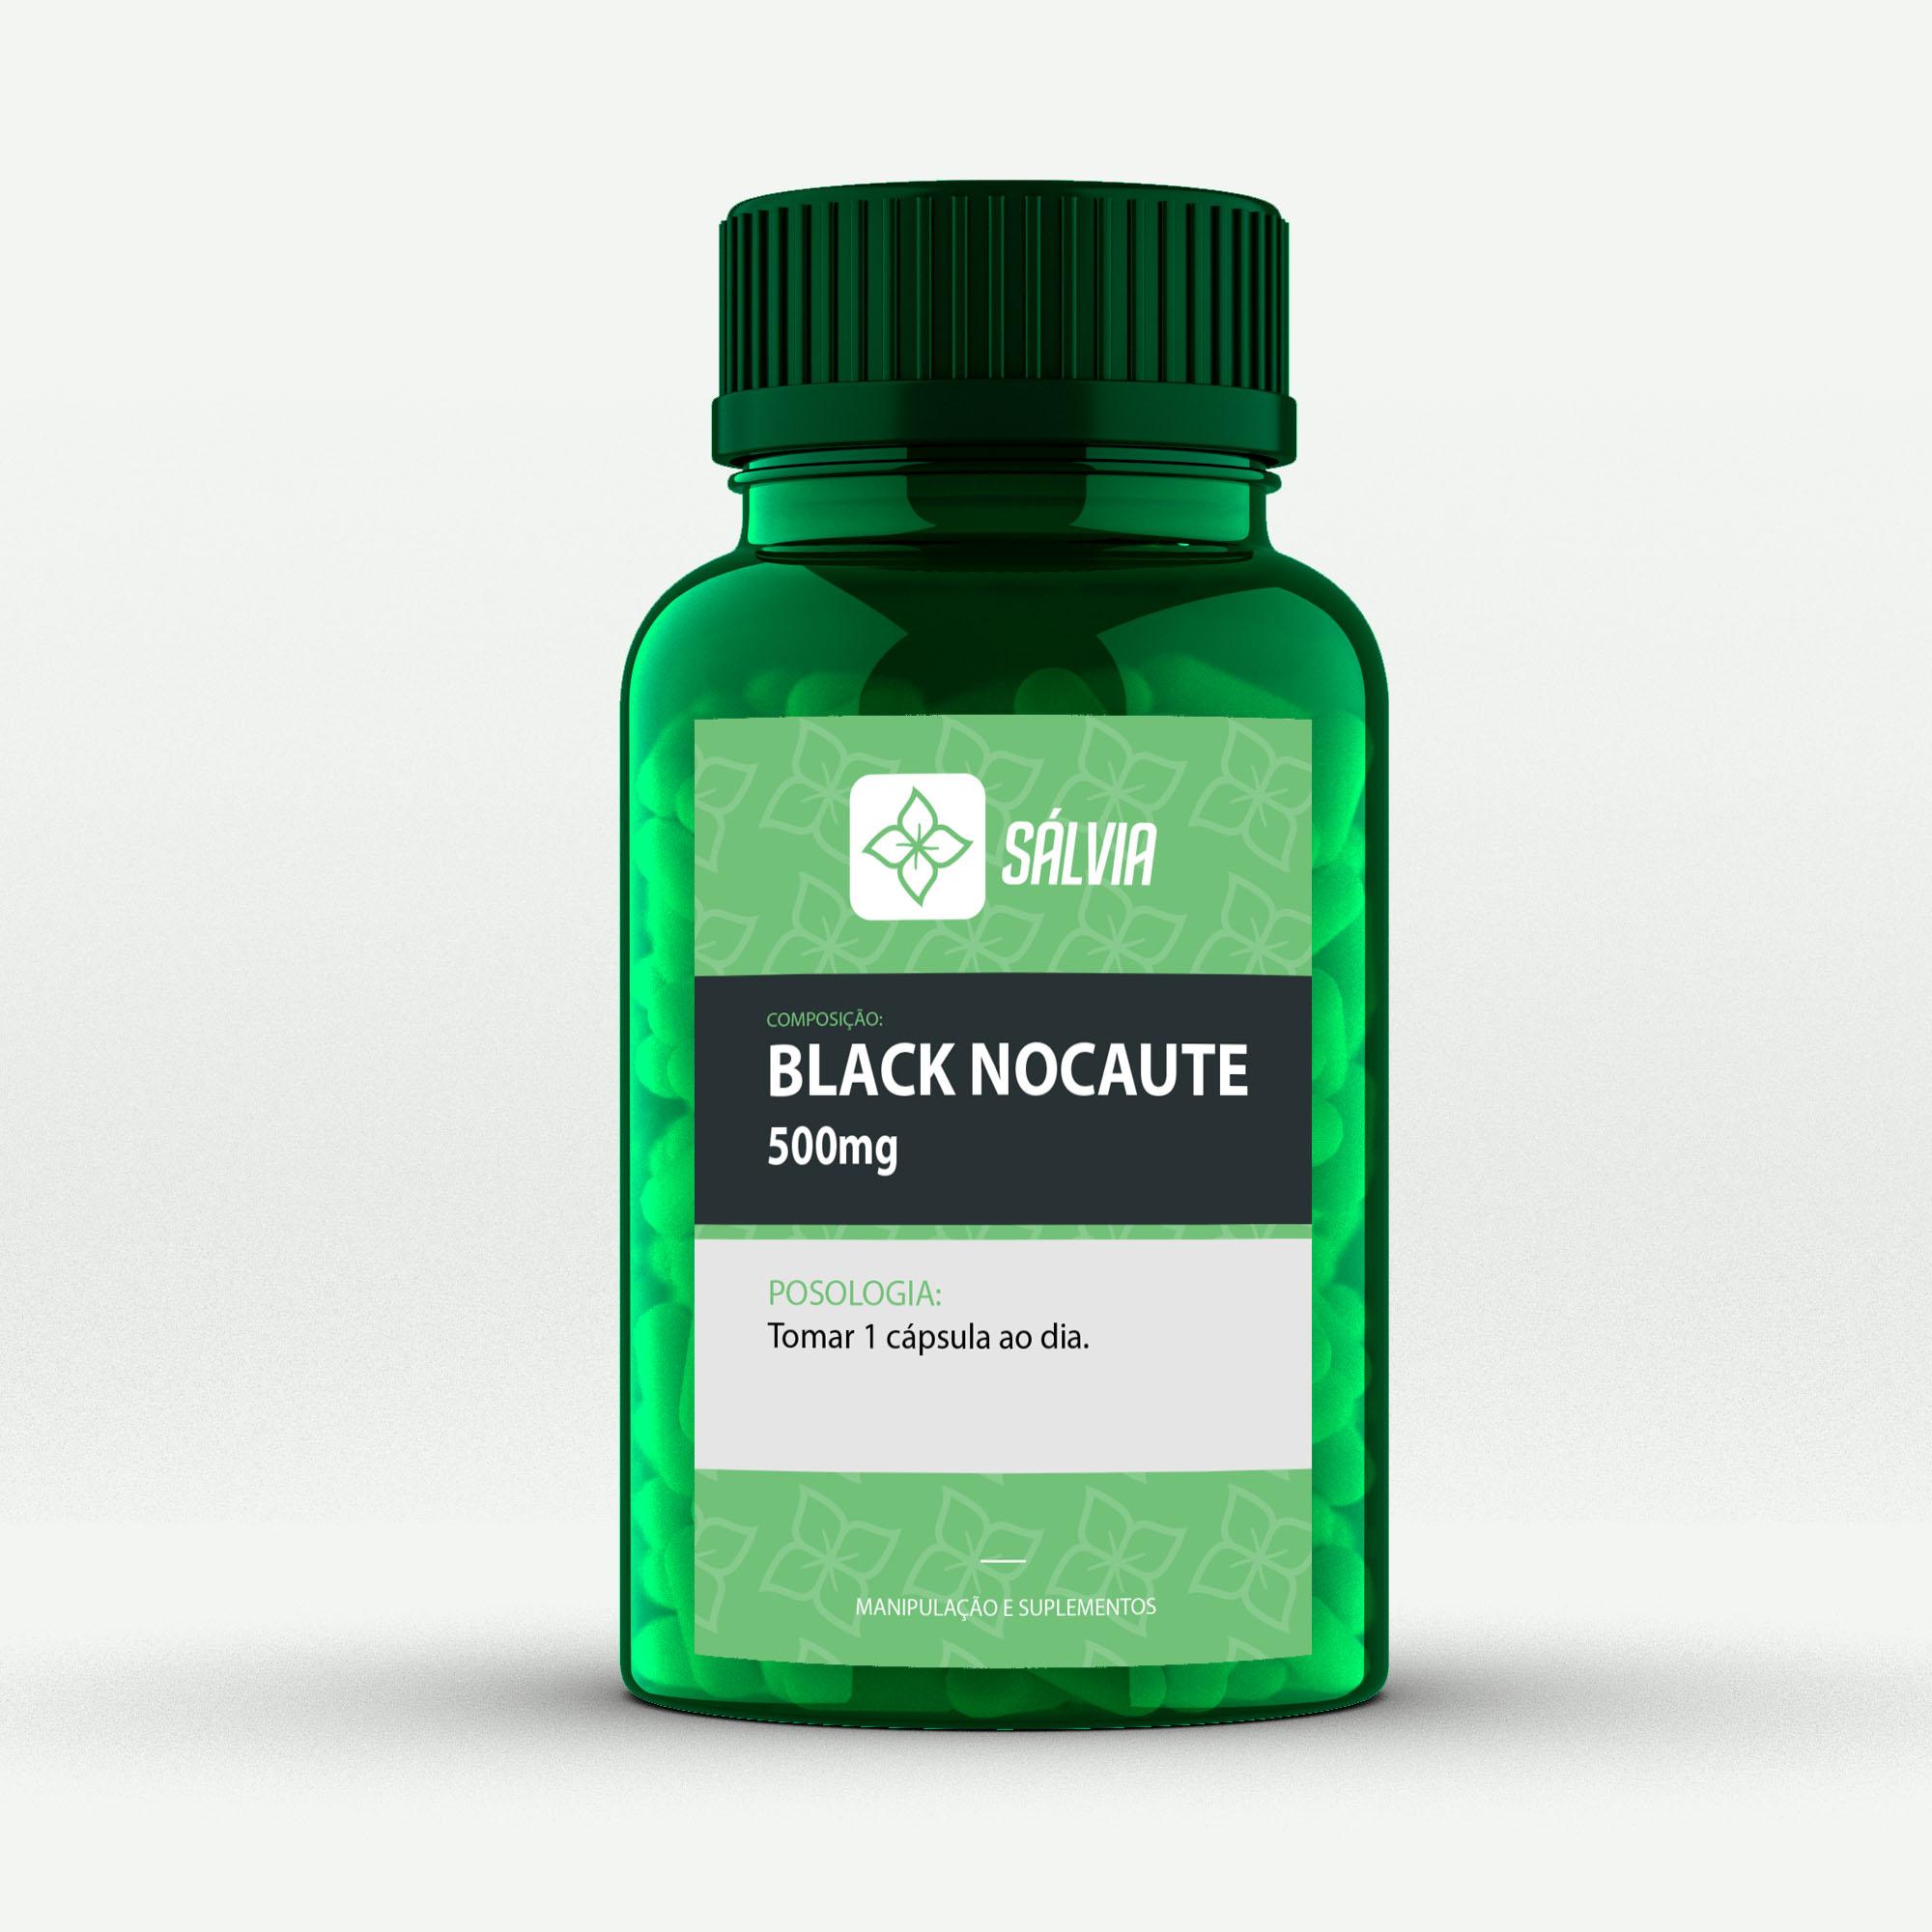 BLACK NOCAUTE 500mg - Cápsulas